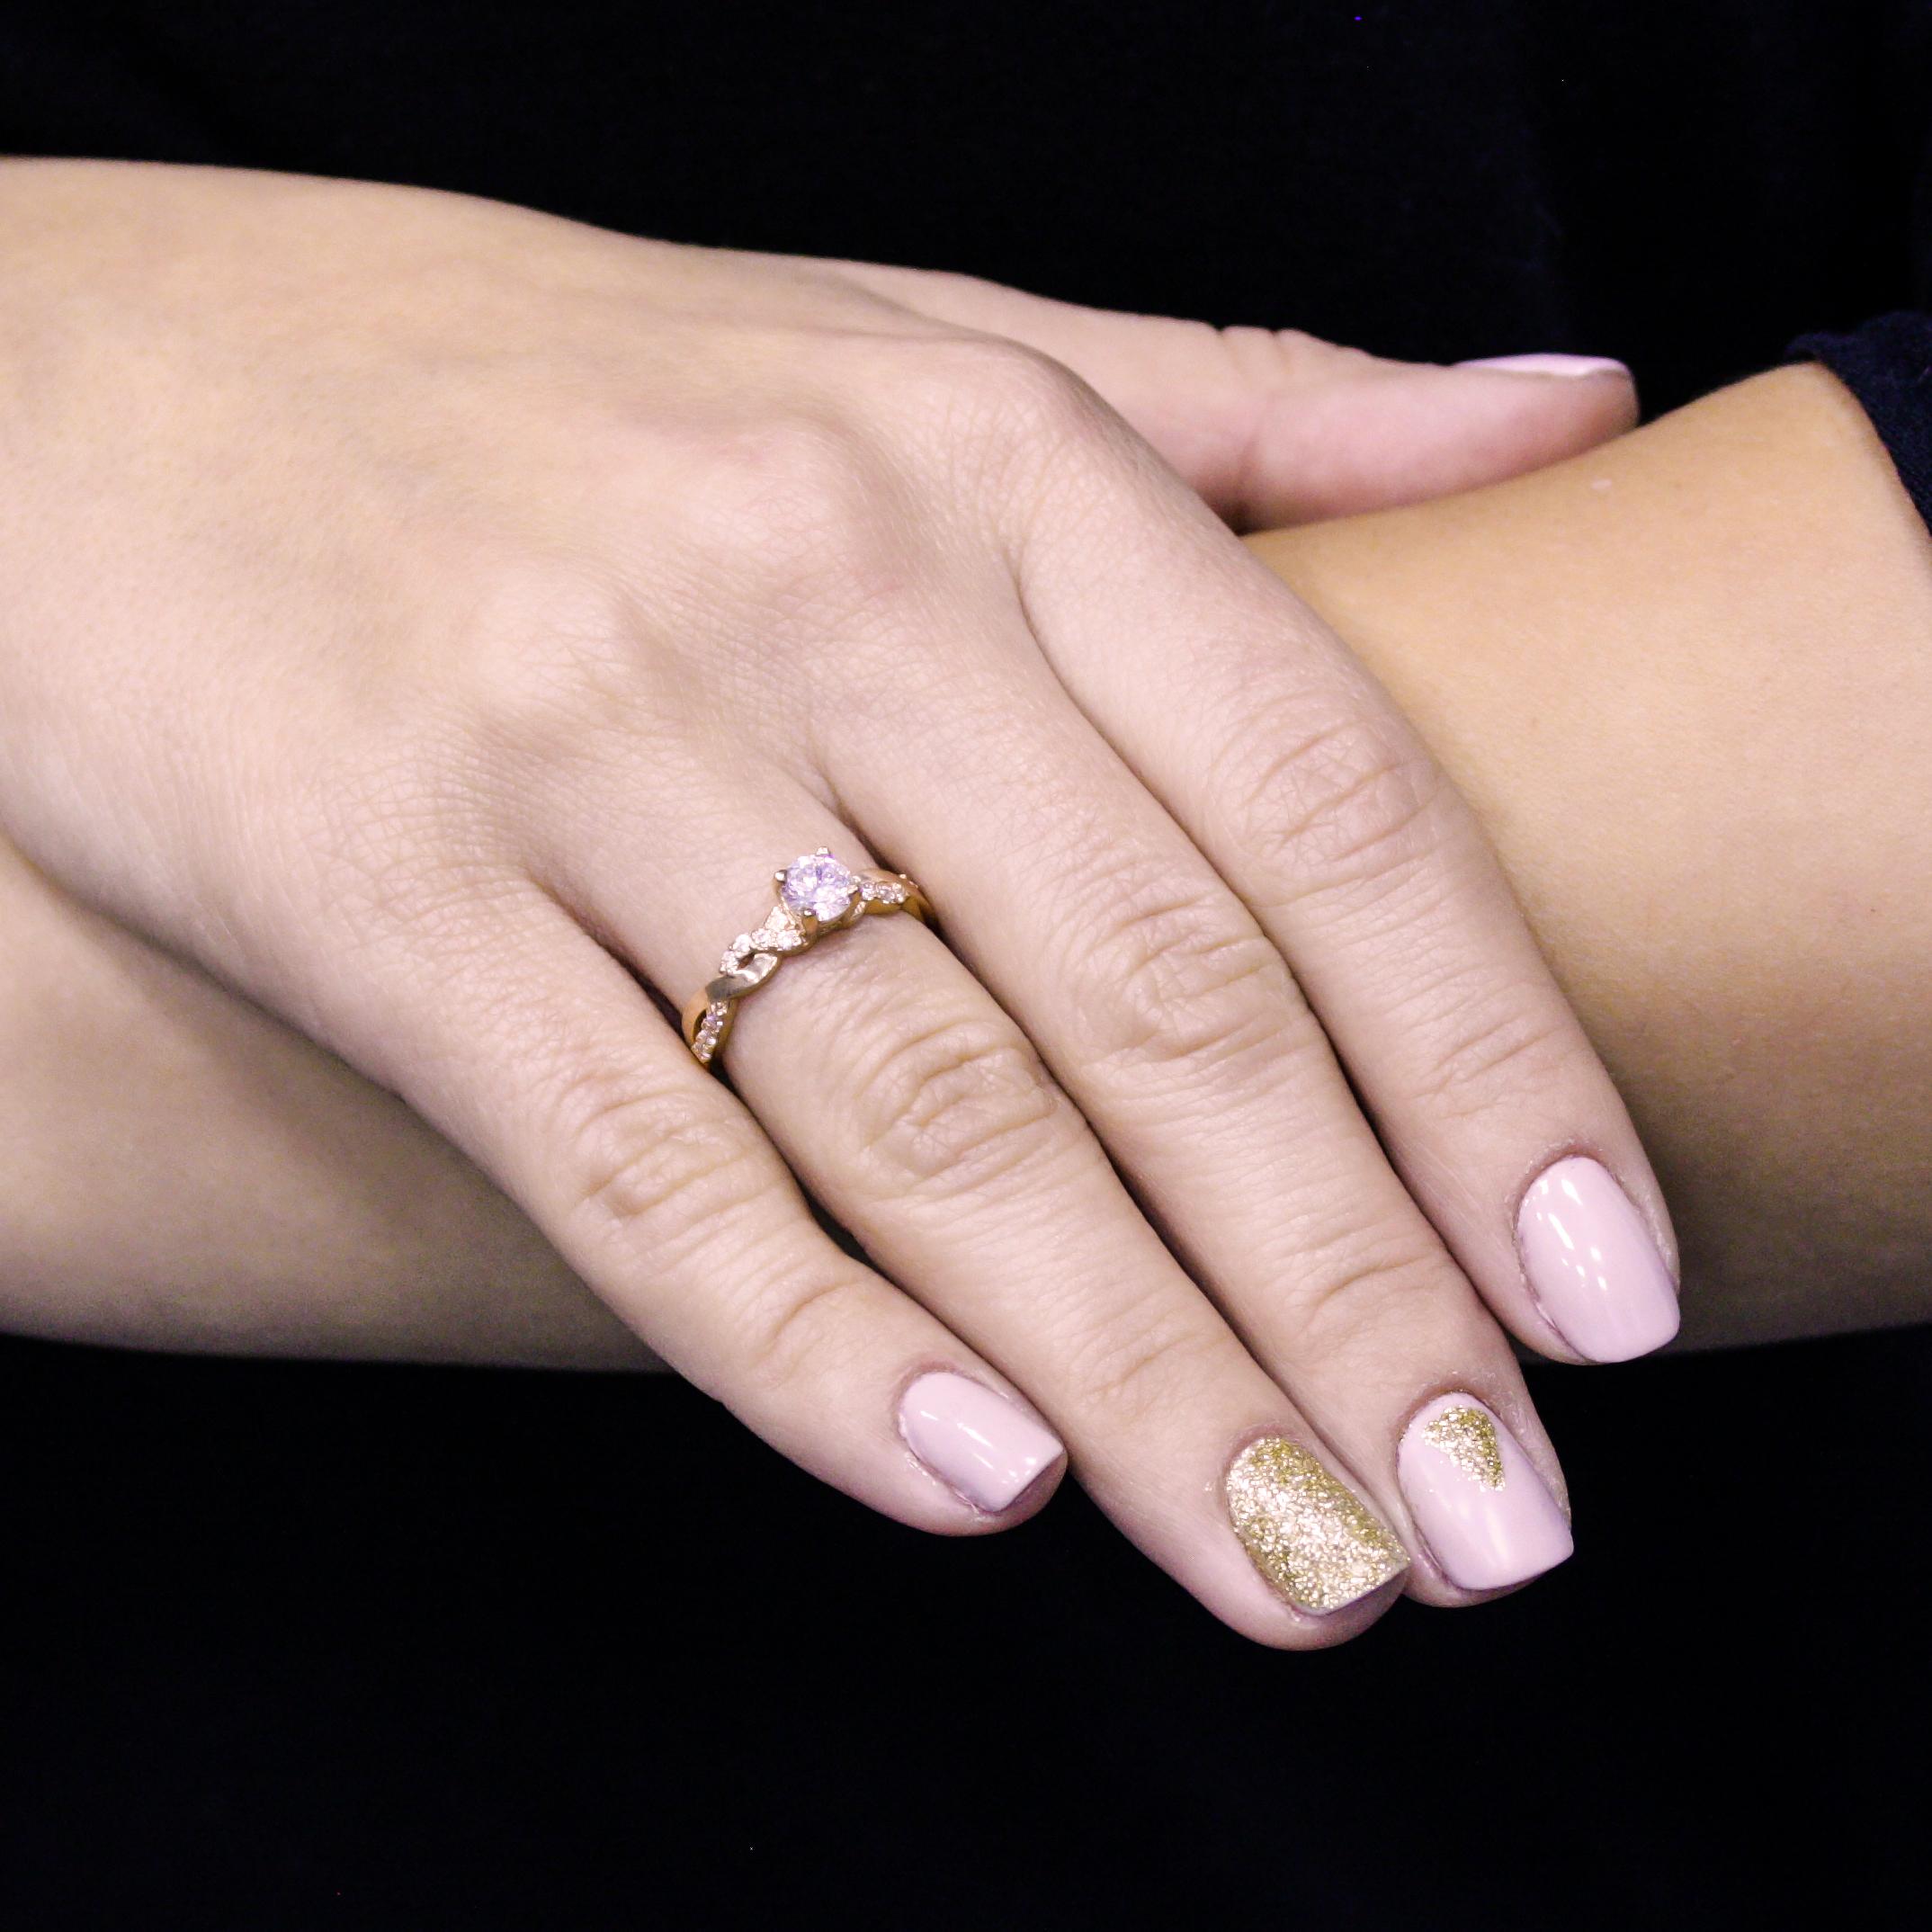 Золотое помолвочное кольцо Августа с косичкой на шинке и фианитами 000095137 16.5 размера от Zlato - 2